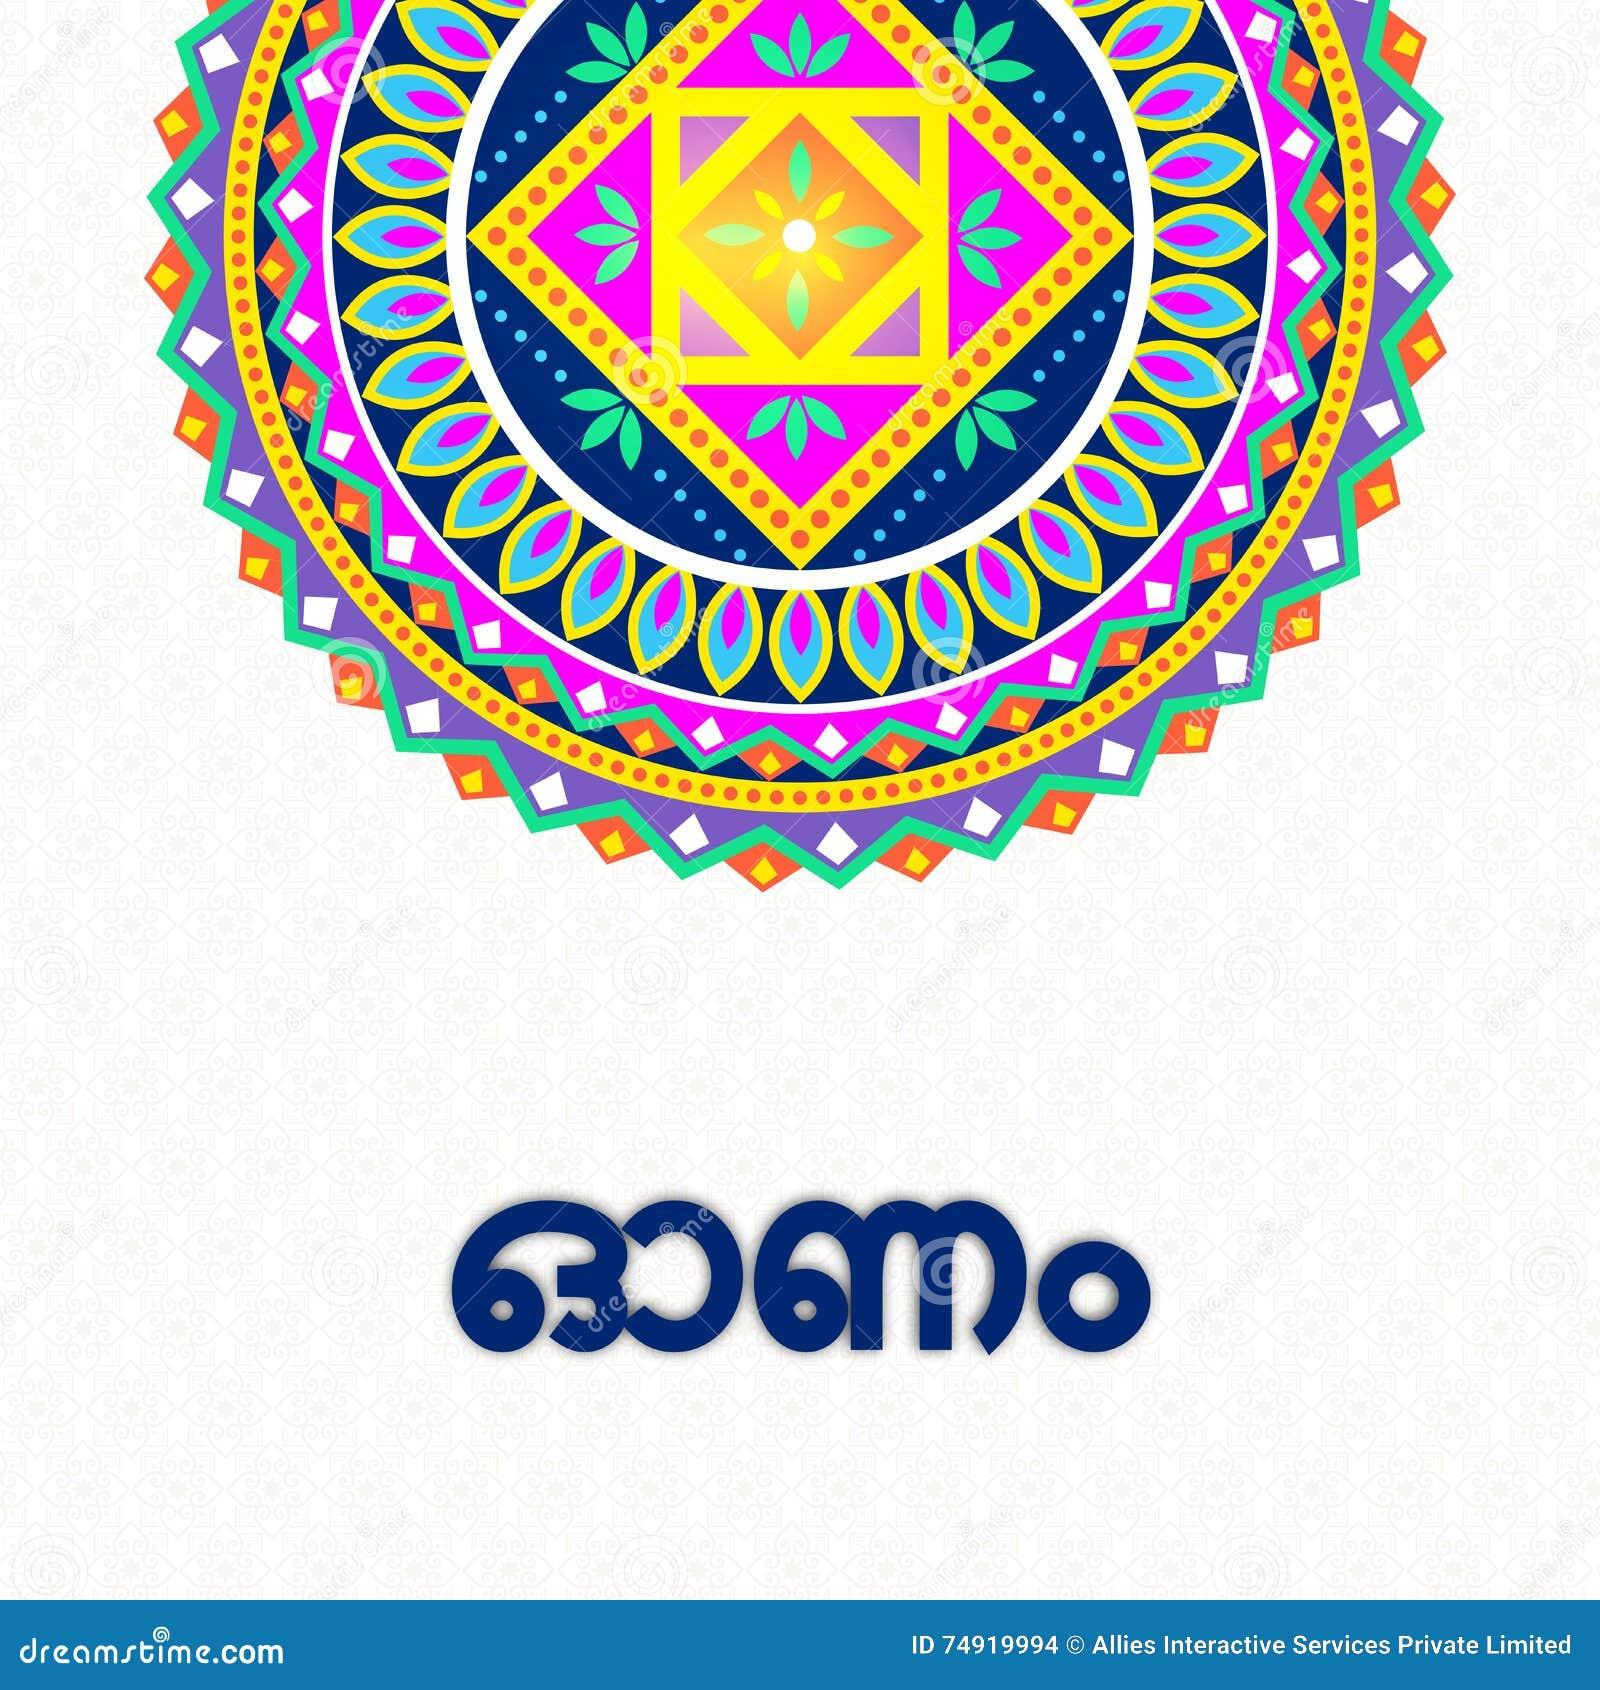 Floral Greeting Card Design For Onam Celebration Stock Illustration